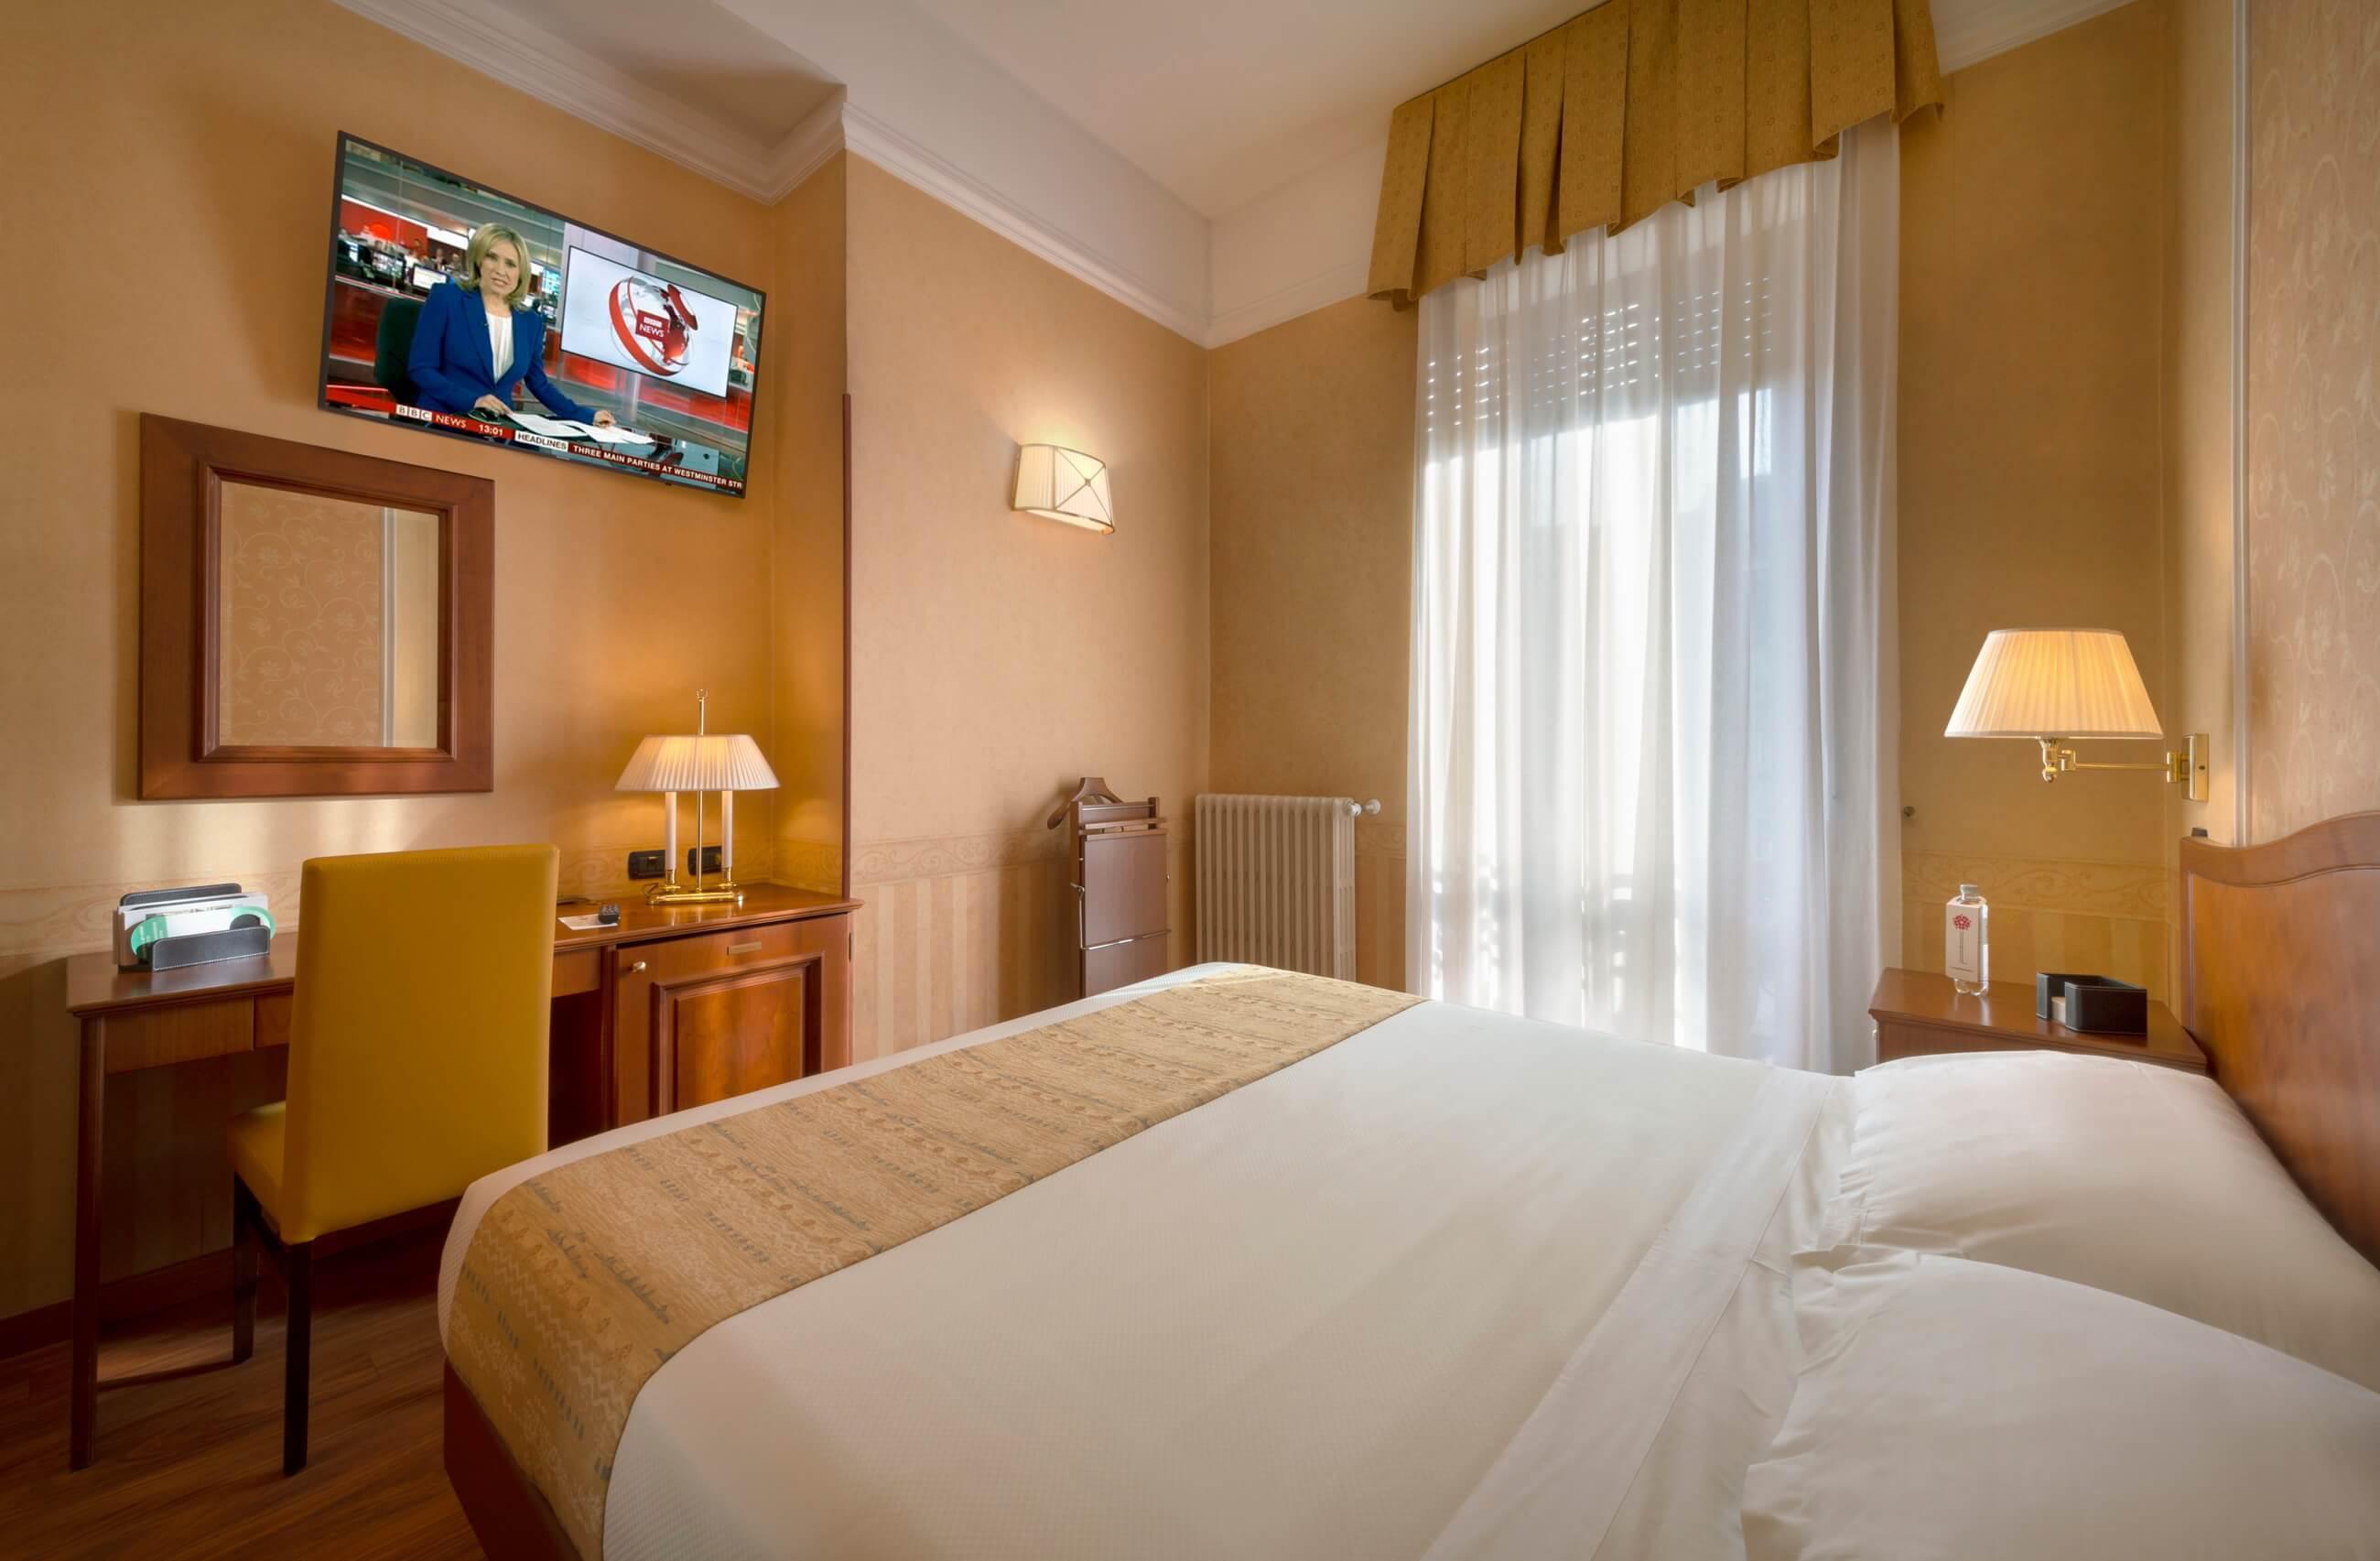 Camere Da Letto Milano.Camera Doppia Classic Hotel 3 Stelle A Milano Lancaster Hotel